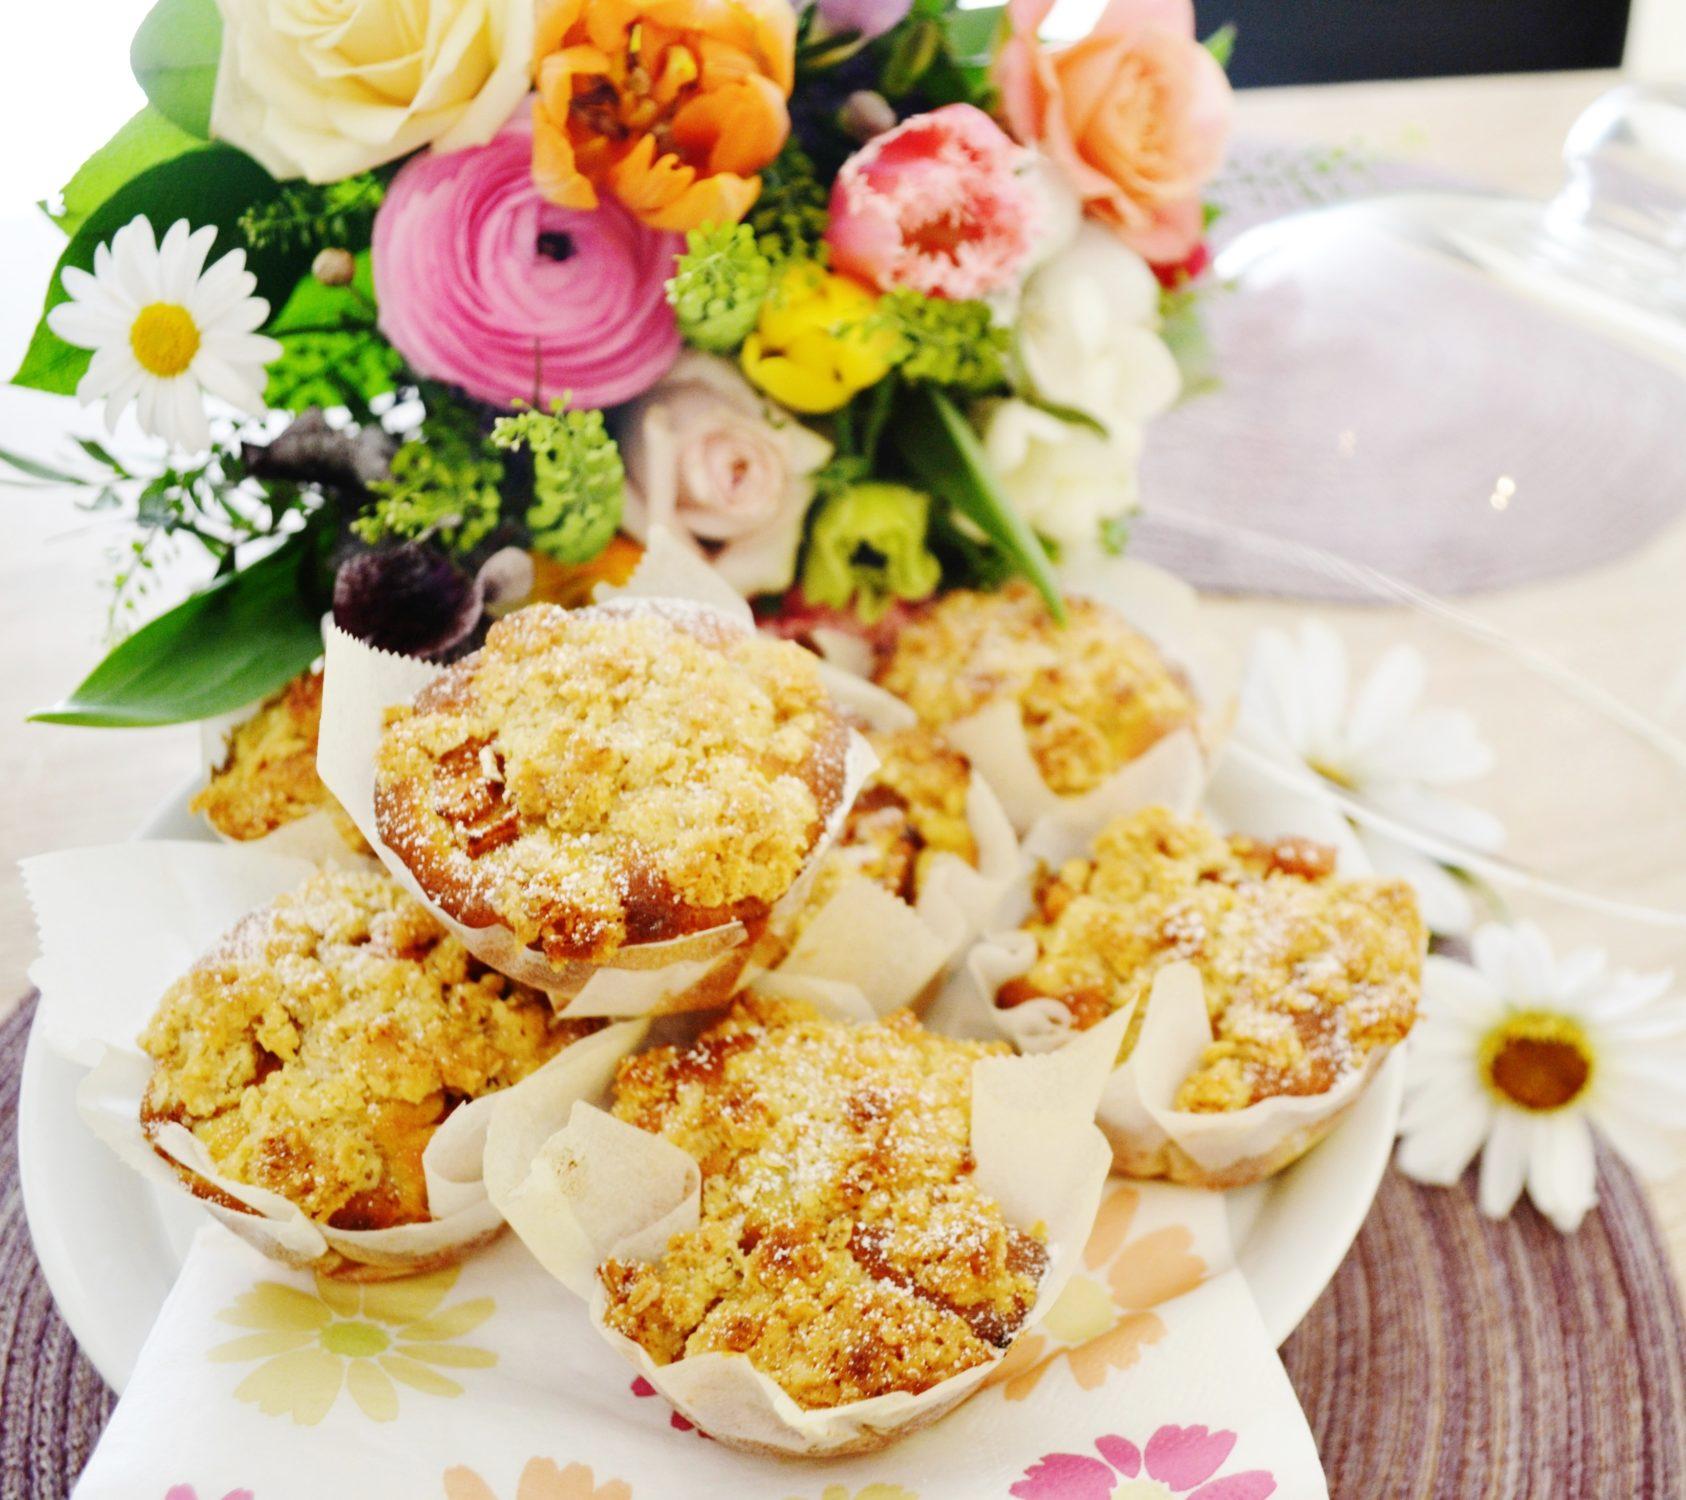 Kleine Leckereien für zwischendurch! Apfel-Zimt-Muffins mit Streuseln